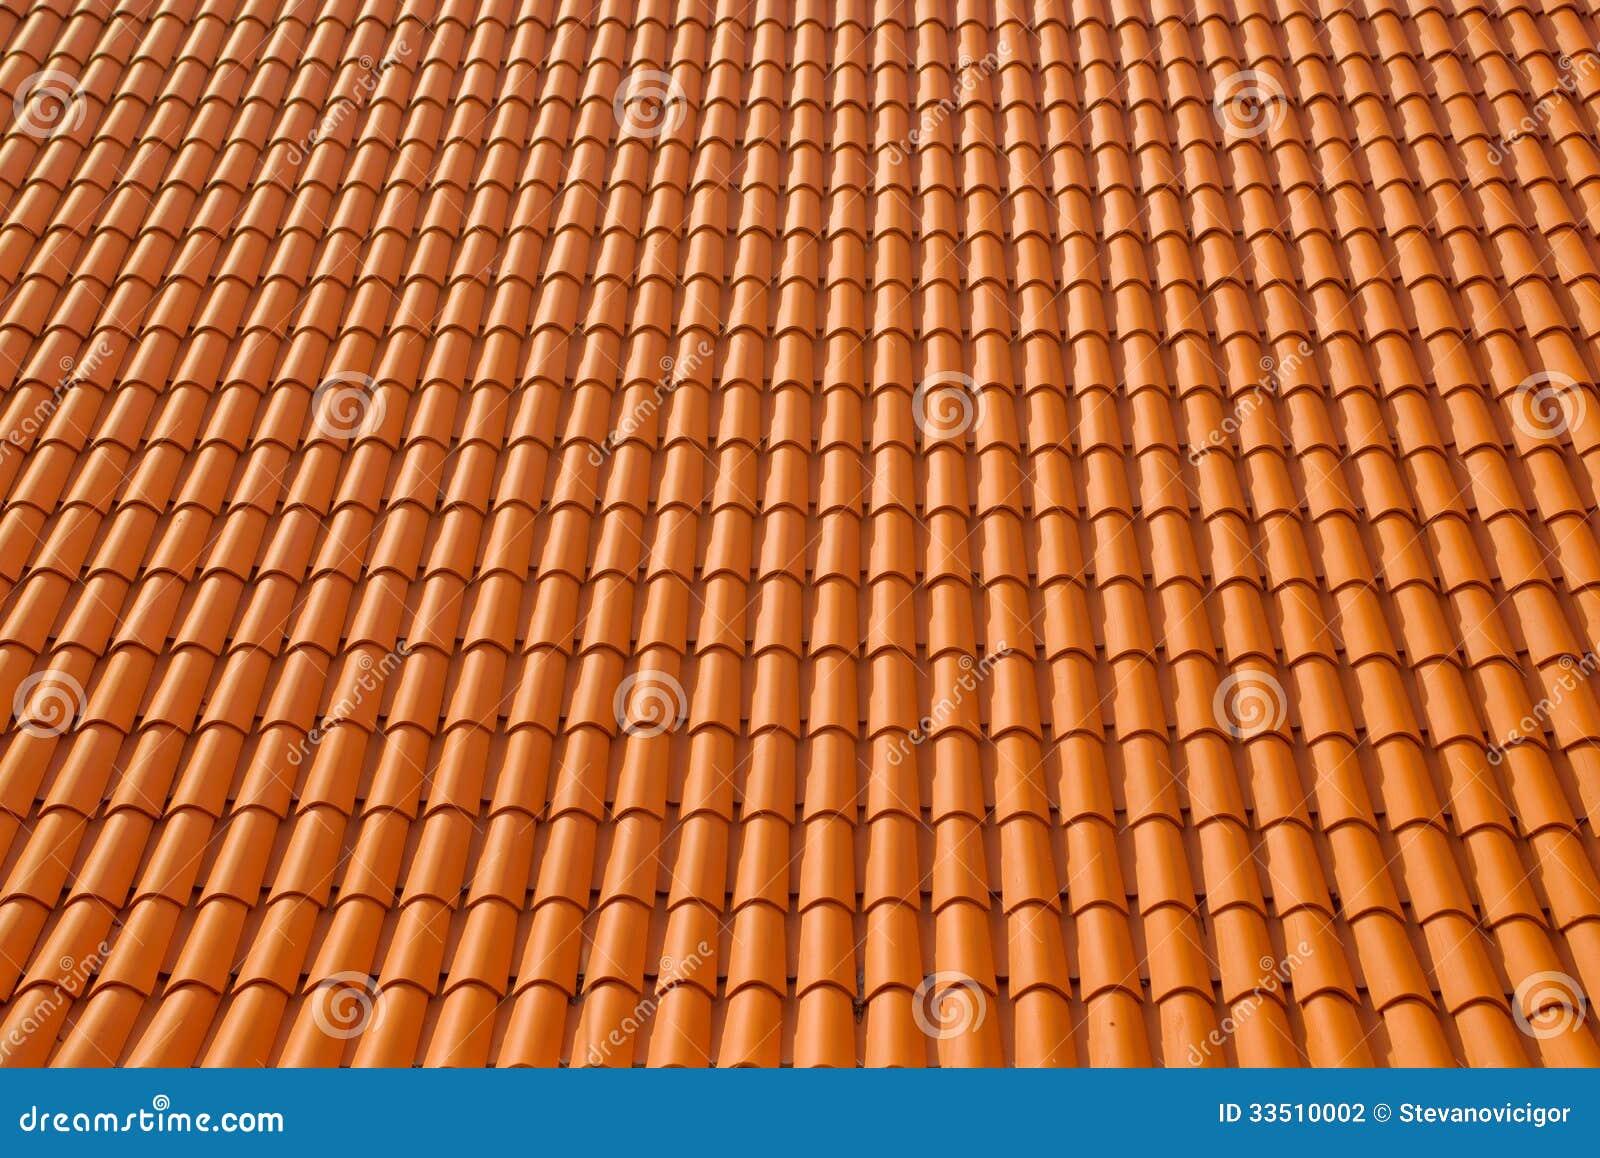 Teja de la textura del tejado fotograf a de archivo - Tipos de tejados ...